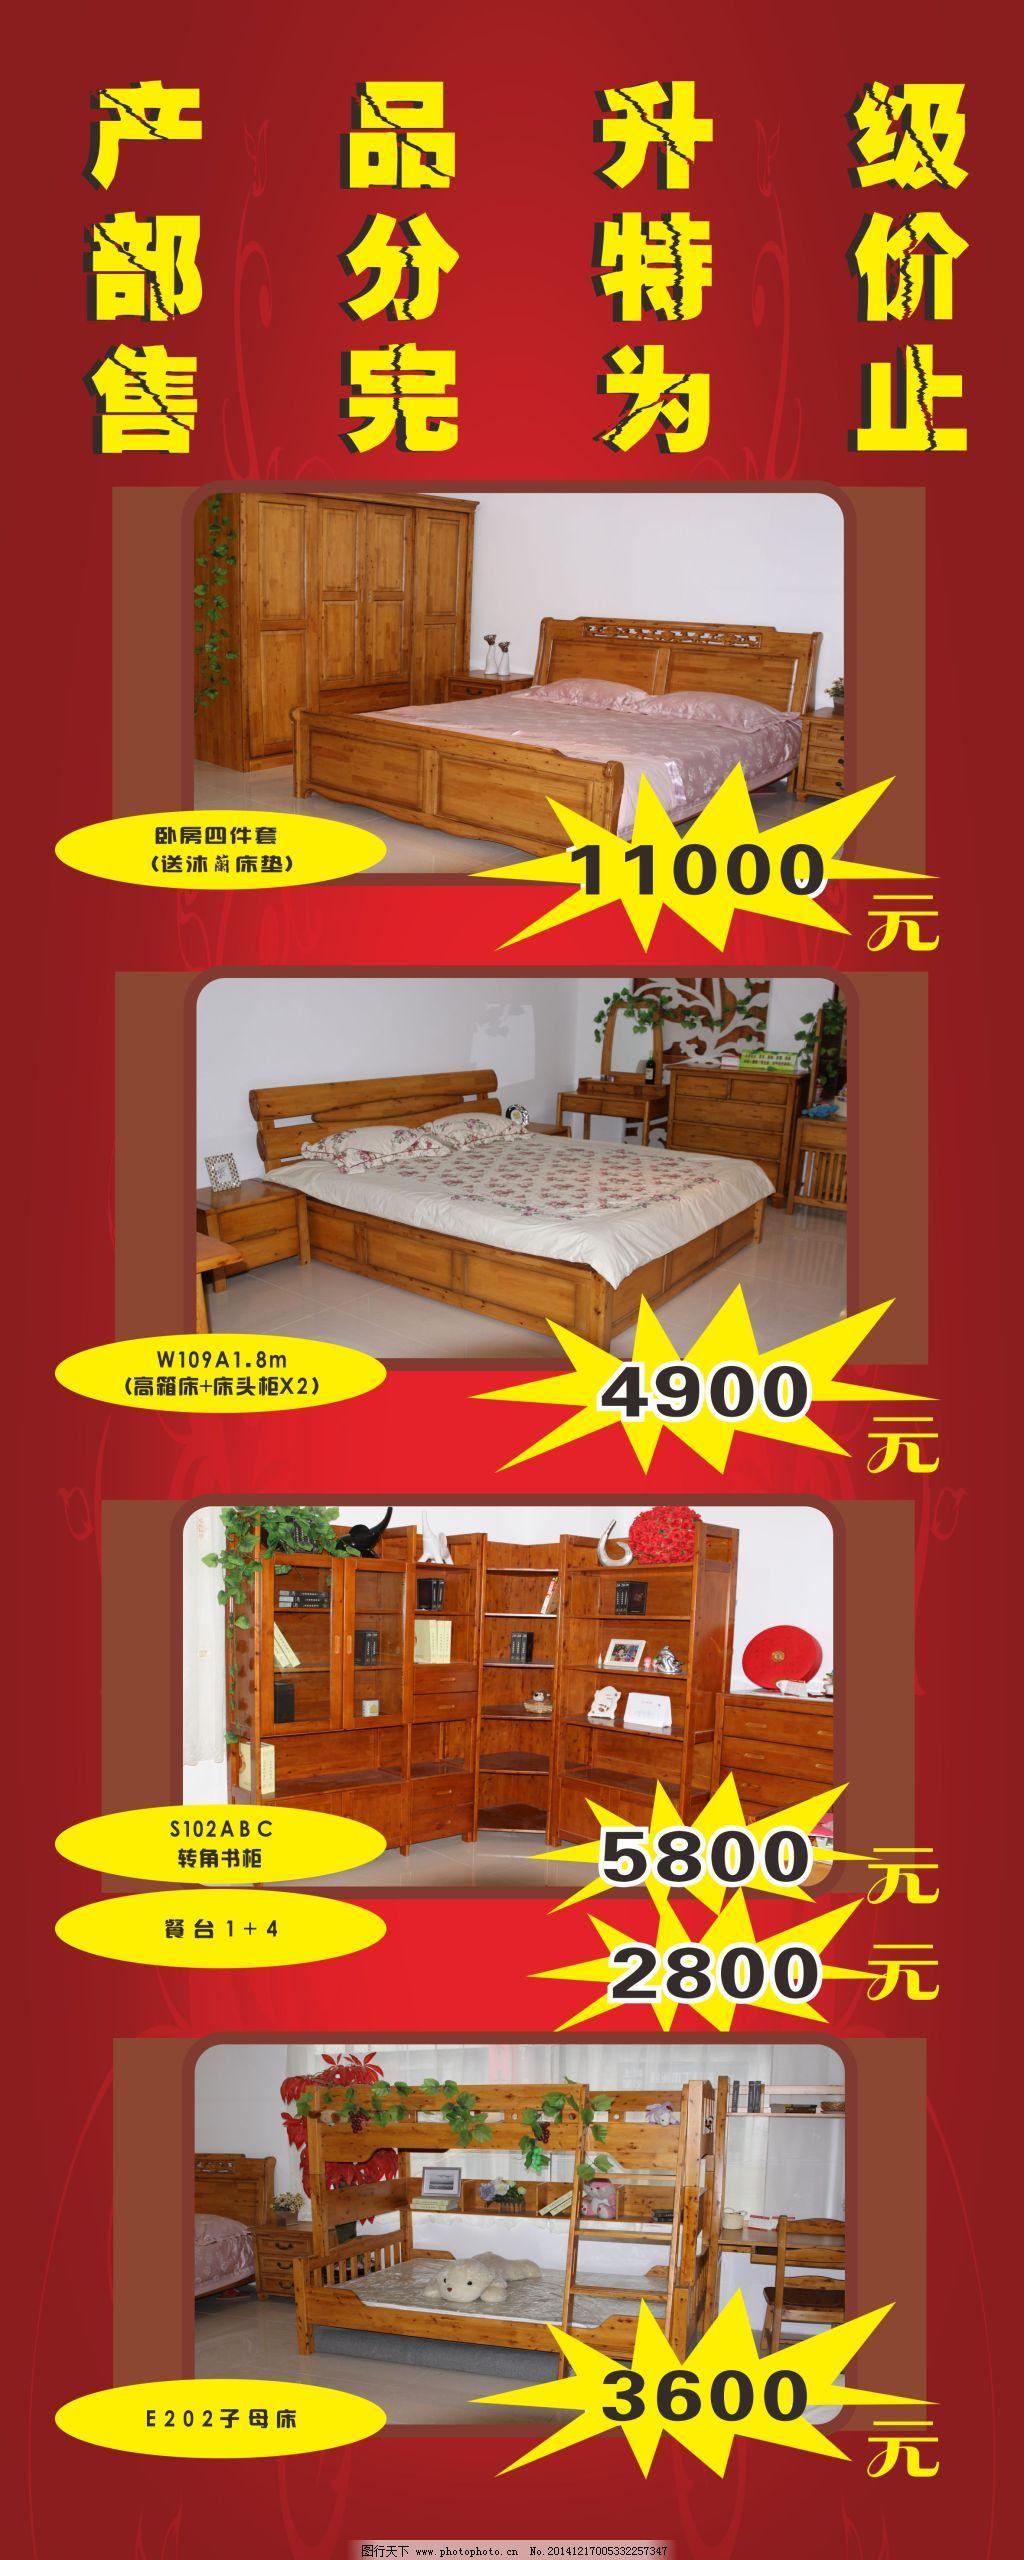 家具促销易拉宝免费下载 300dpi cdr 广告设计 易拉宝 300dpi cdr